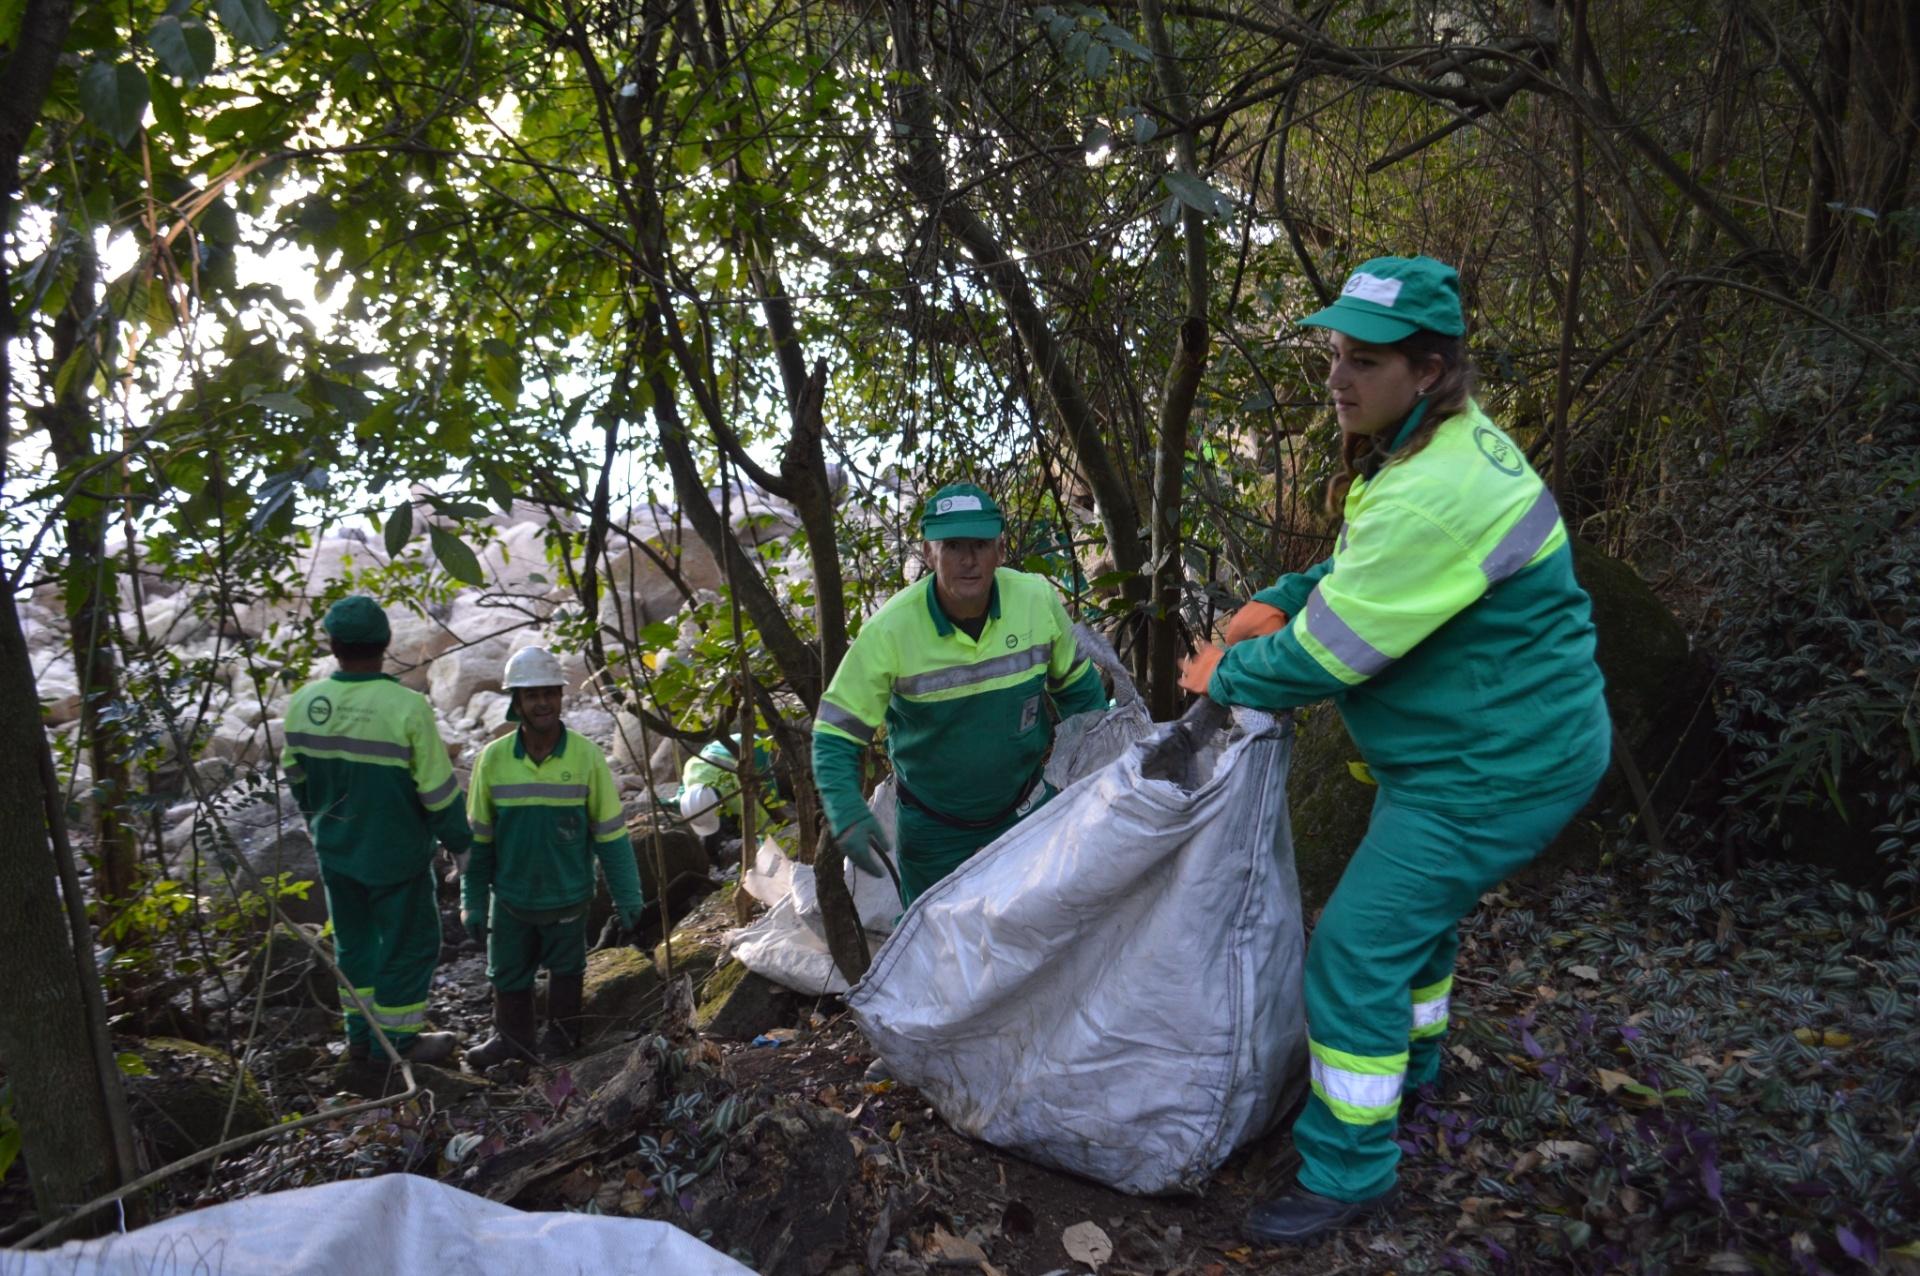 Um ano após limpeza, Salto retira mais de seis toneladas de lixo do Tietê